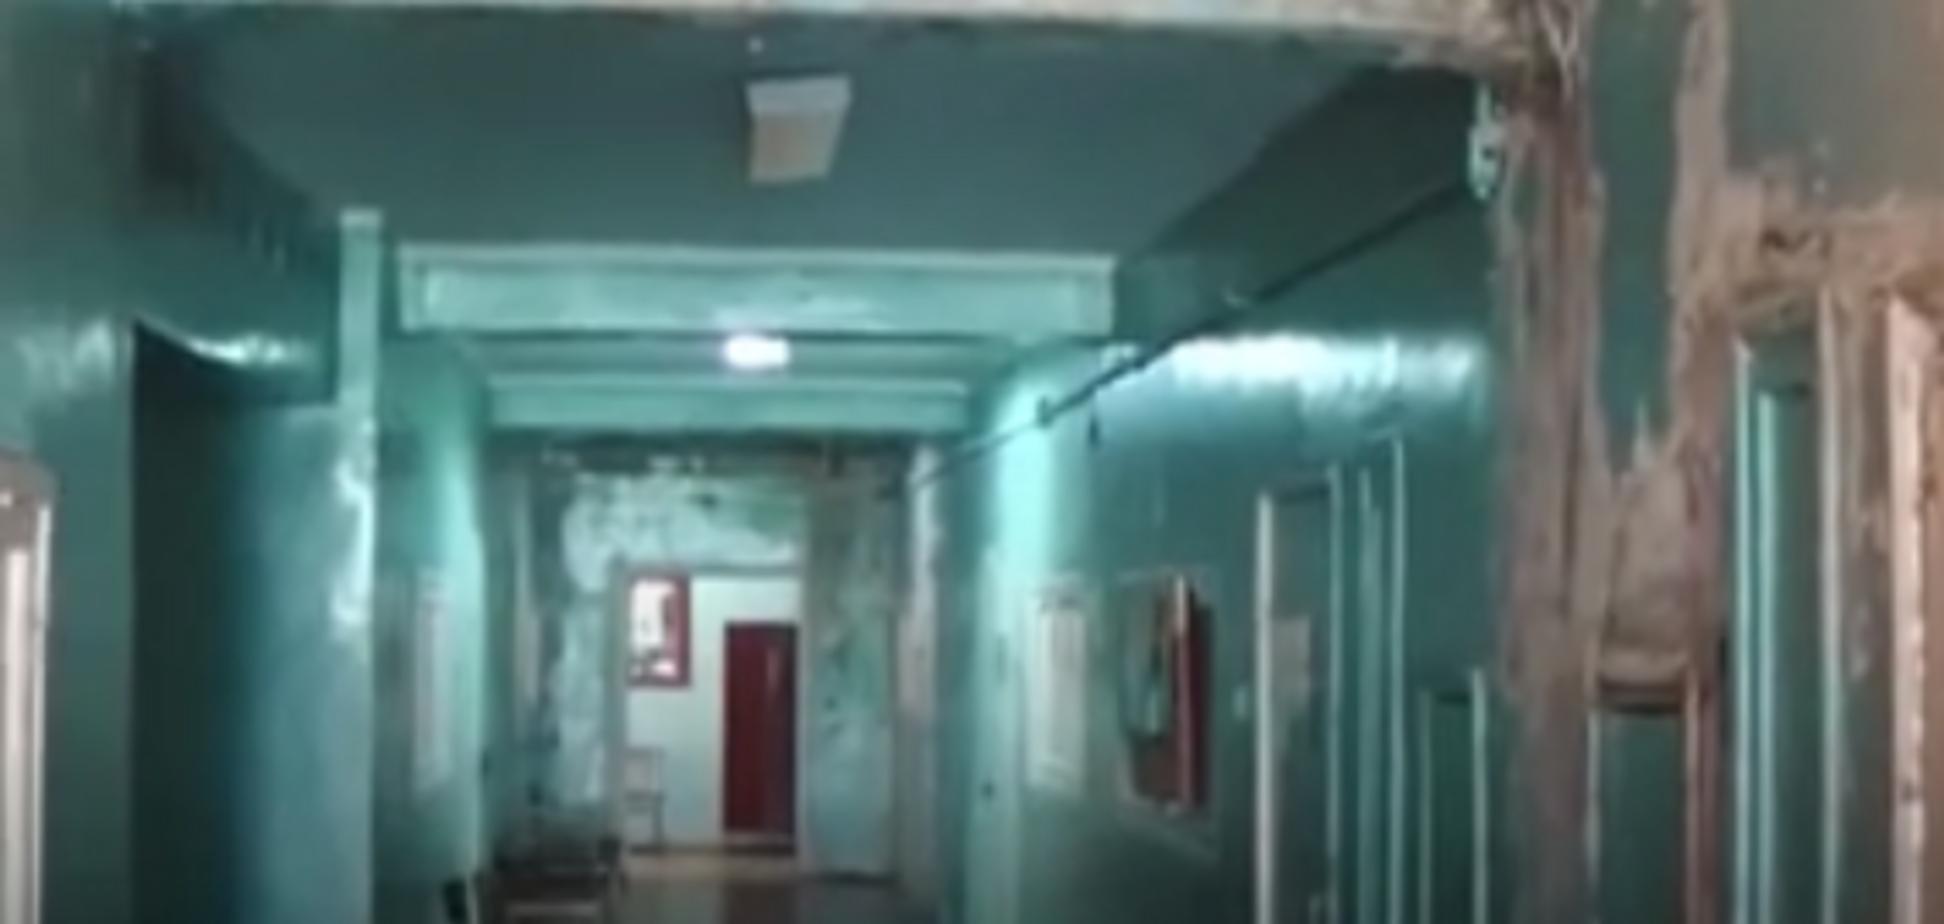 Люди боятся больниц: в сети показали ужасное видео из оккупированного Крыма